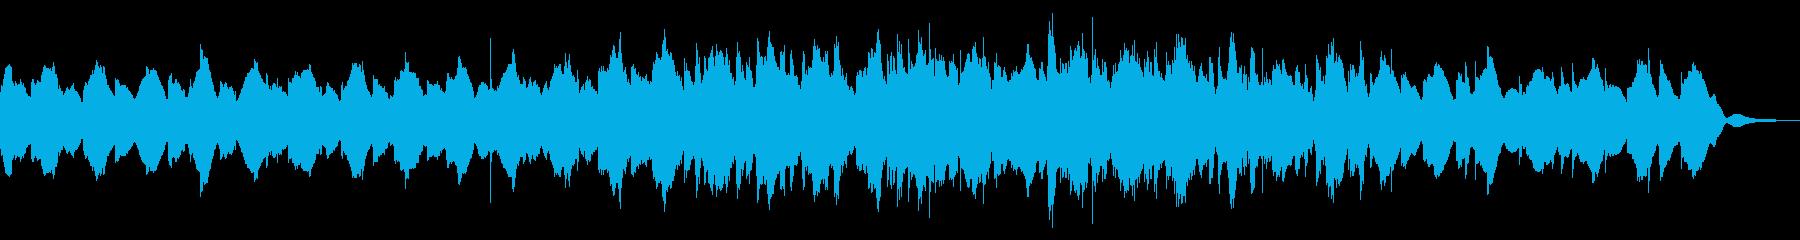 ピアノとグロッケンのゆったりとした曲の再生済みの波形